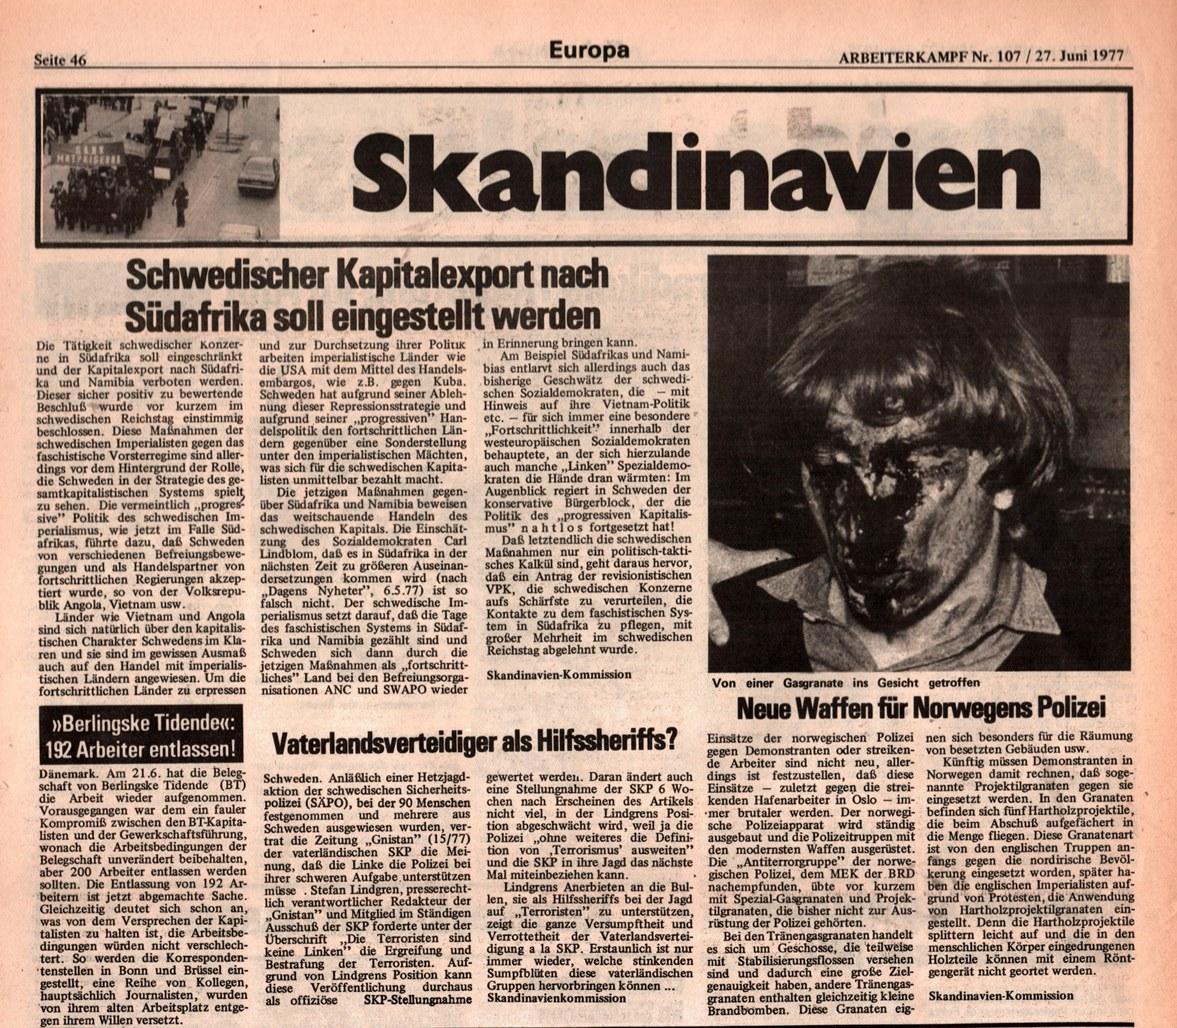 KB_AK_1977_107_091